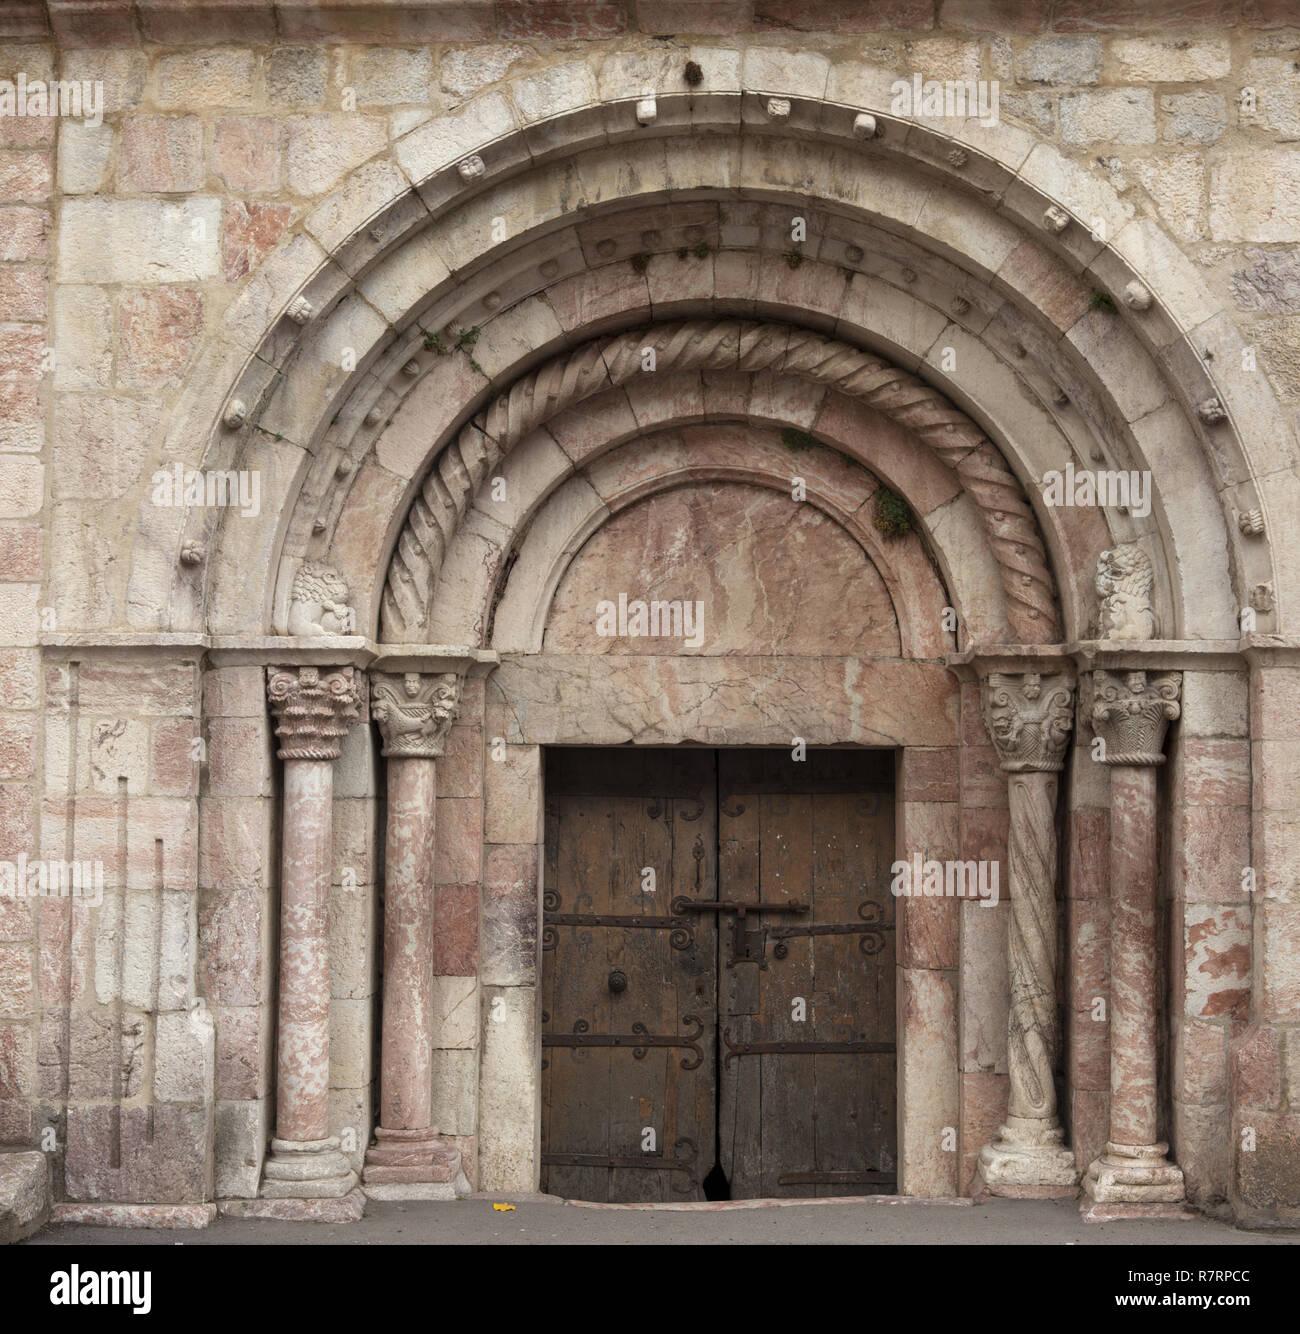 Villefranche-de-Conflent, The parish church (Église Saint-Jacques) The nave. 12th - 13th century. Southeast entrance door. Südostportal mit mittelalte - Stock Image